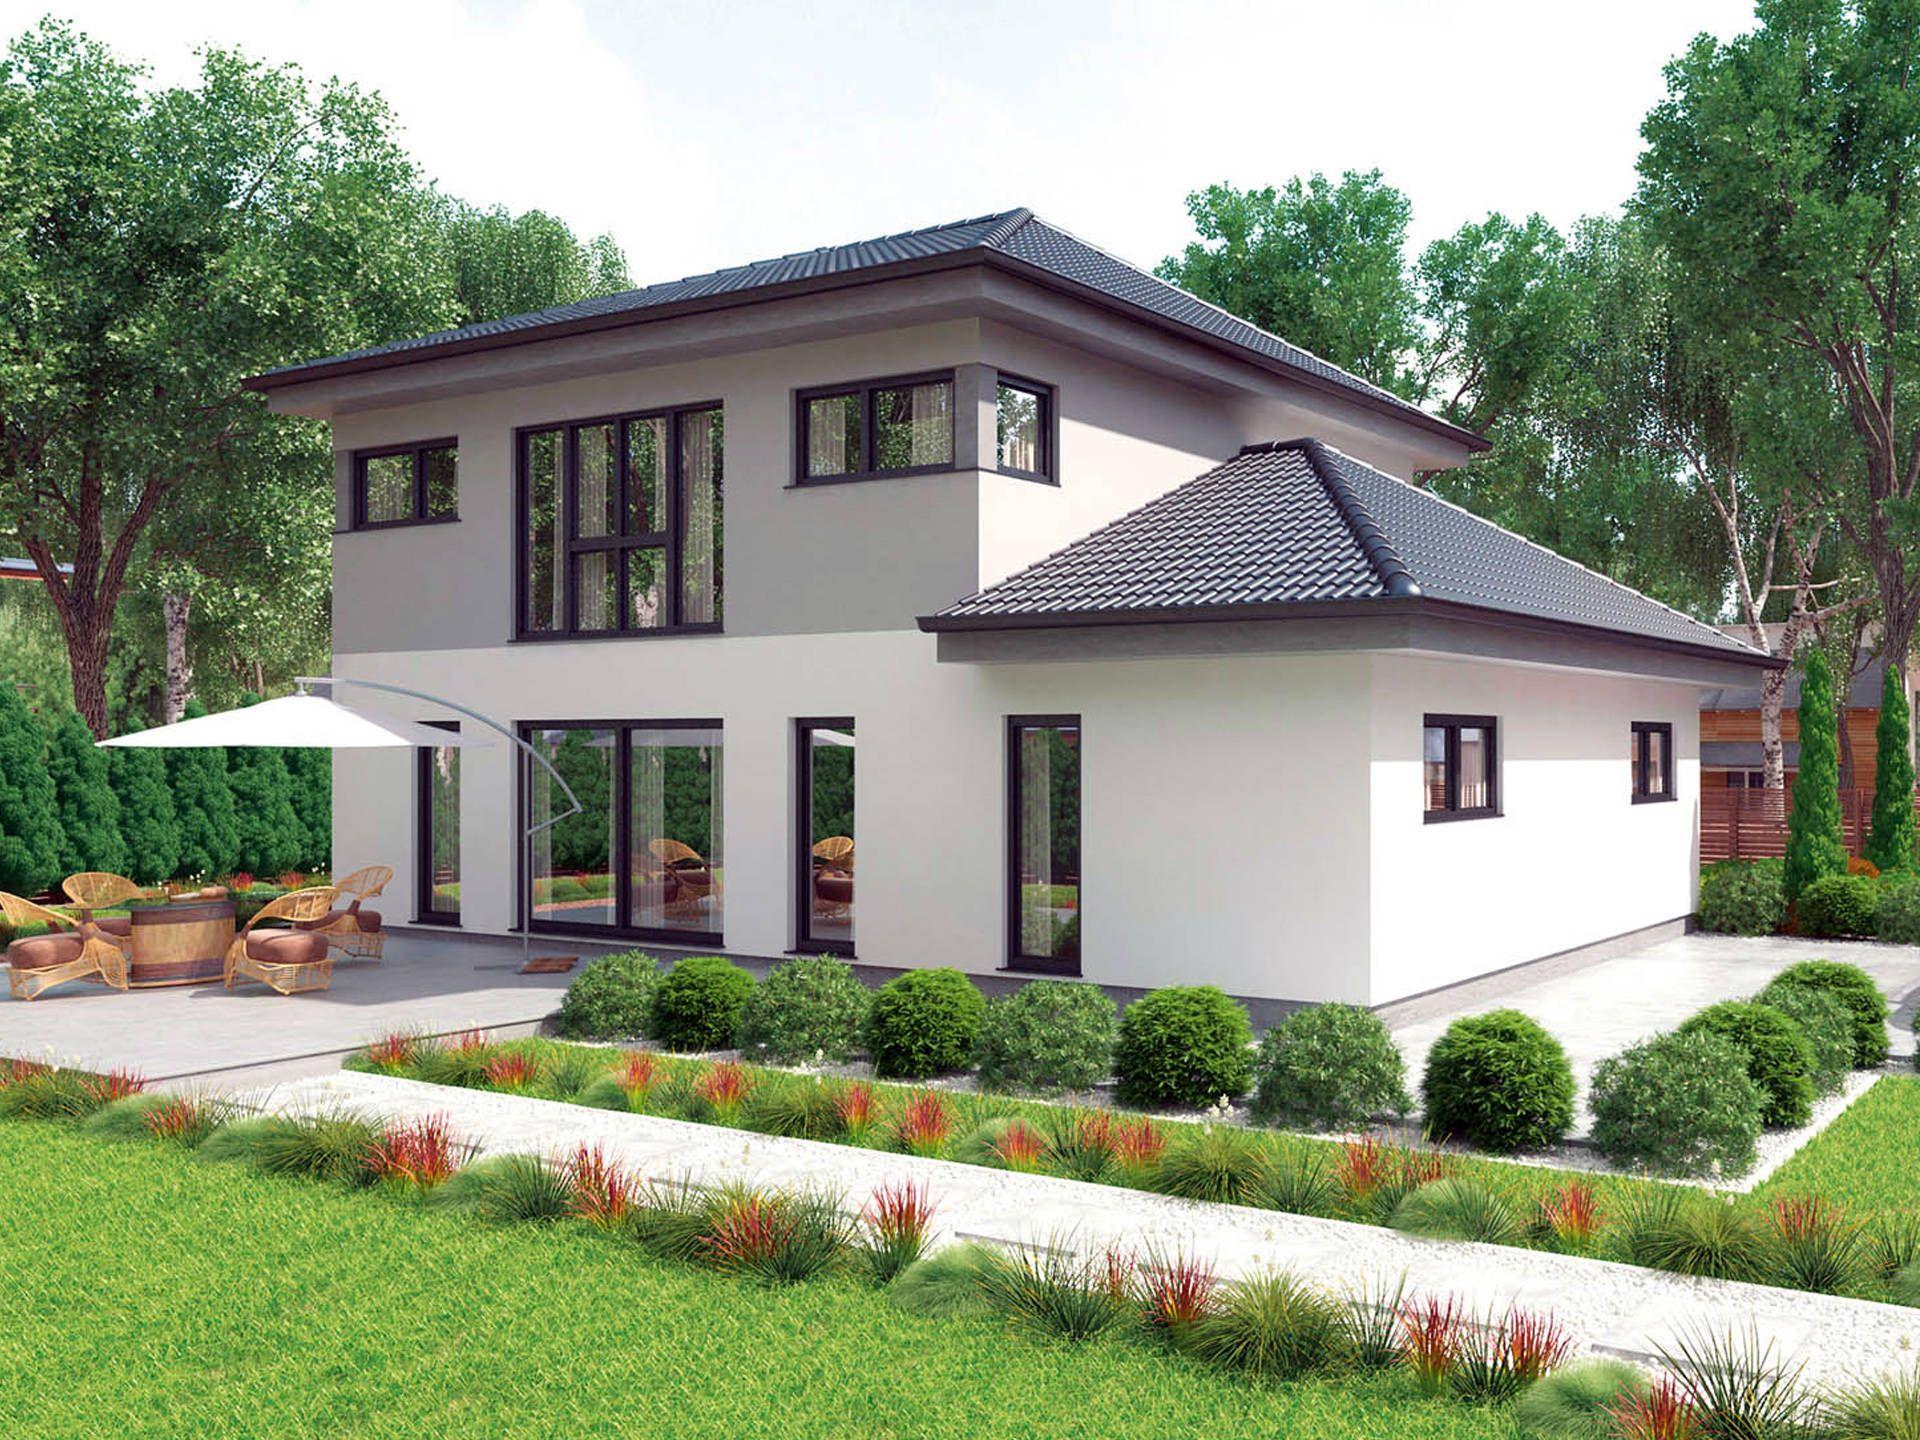 Fertighaus villa grundriss  Typenhaus Comfort 190 W • Mehrgenerationenhaus von HARTL Haus ...